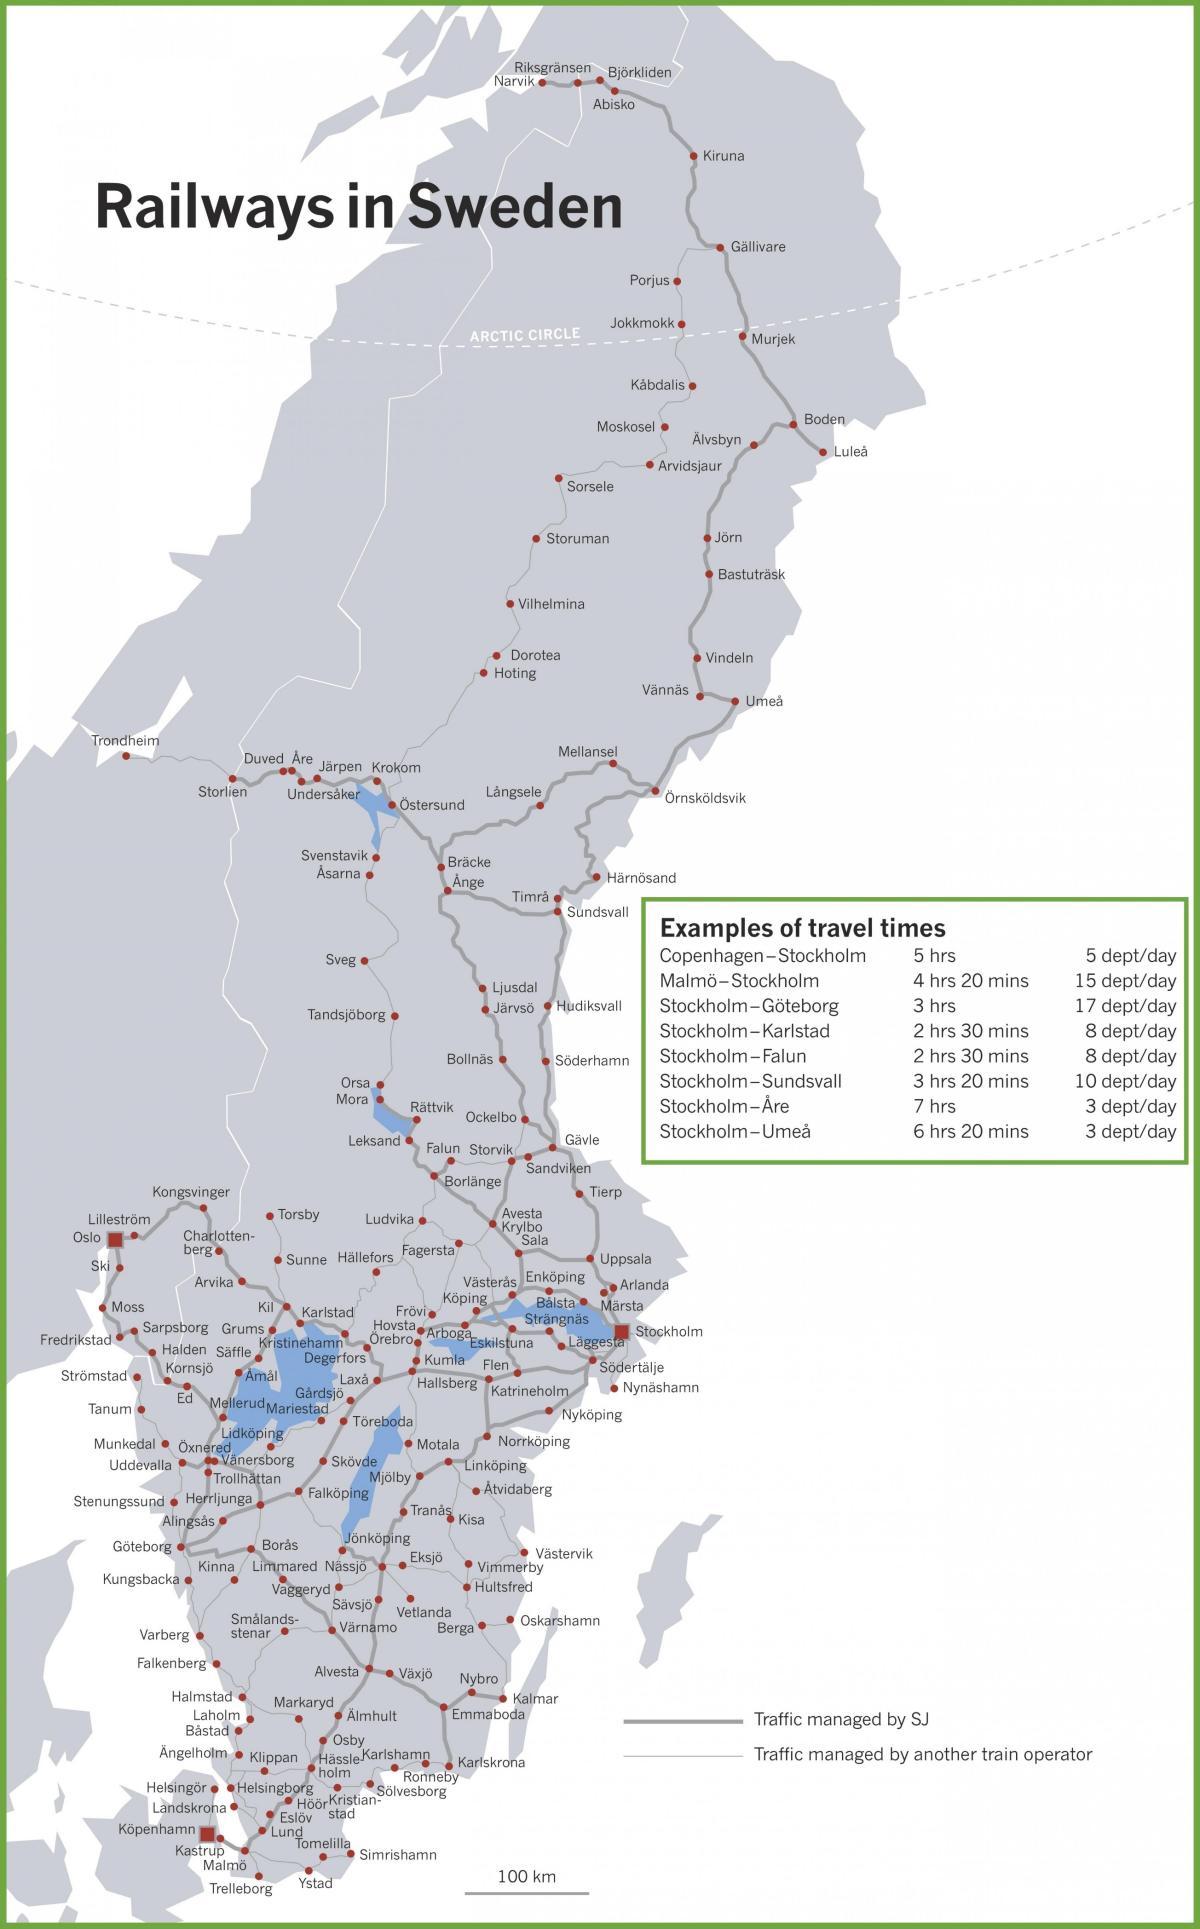 tog kart europa Sverige tog kart   Tog kart Sverige (Nord Europa   Europa) tog kart europa